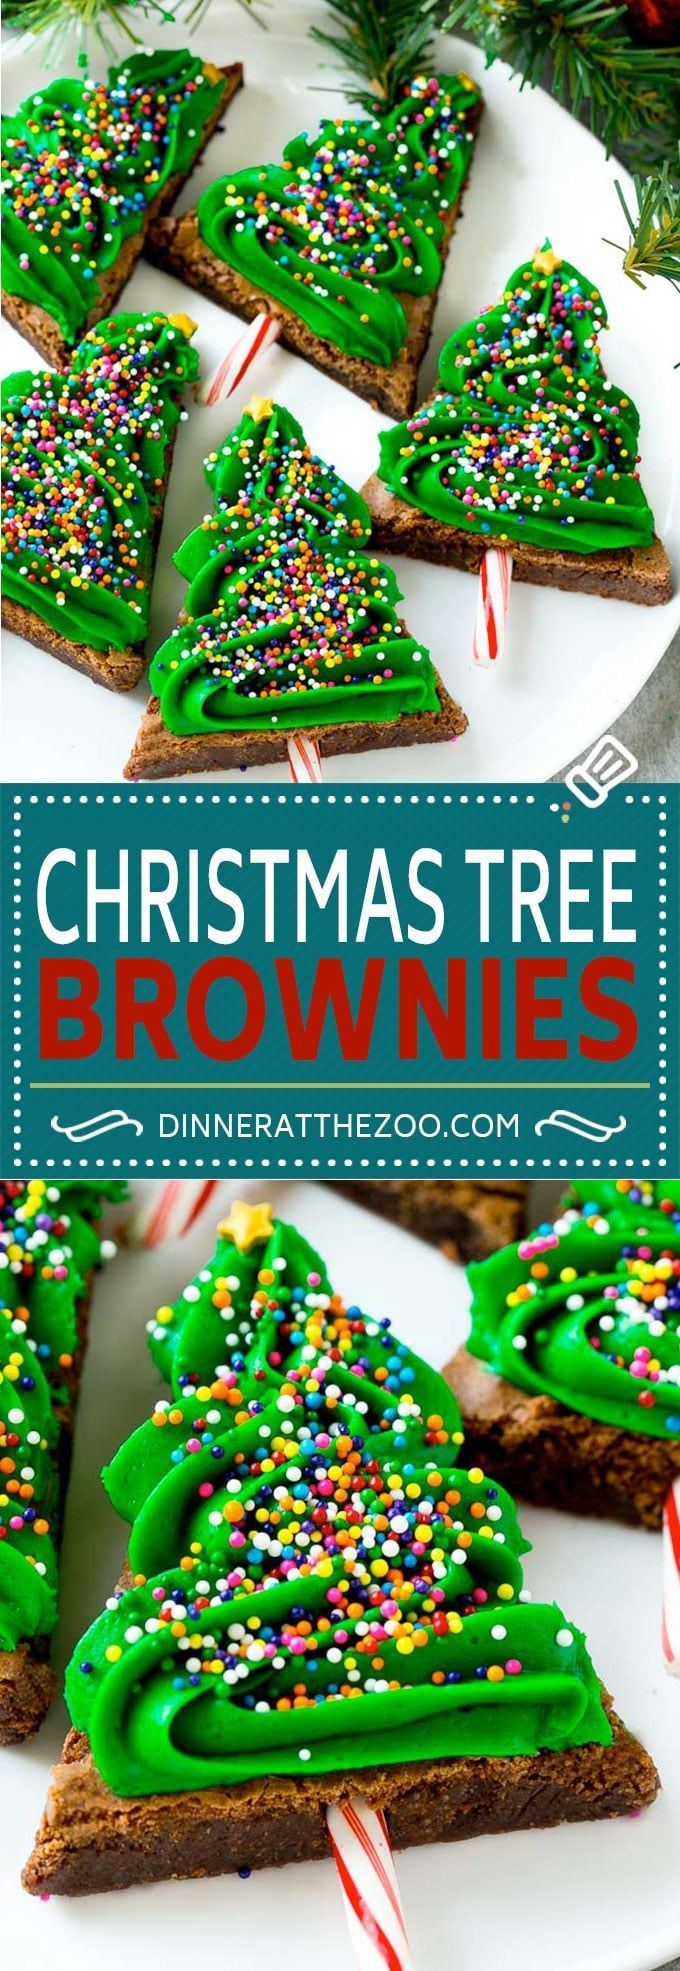 Christmas Tree Brownies #ad